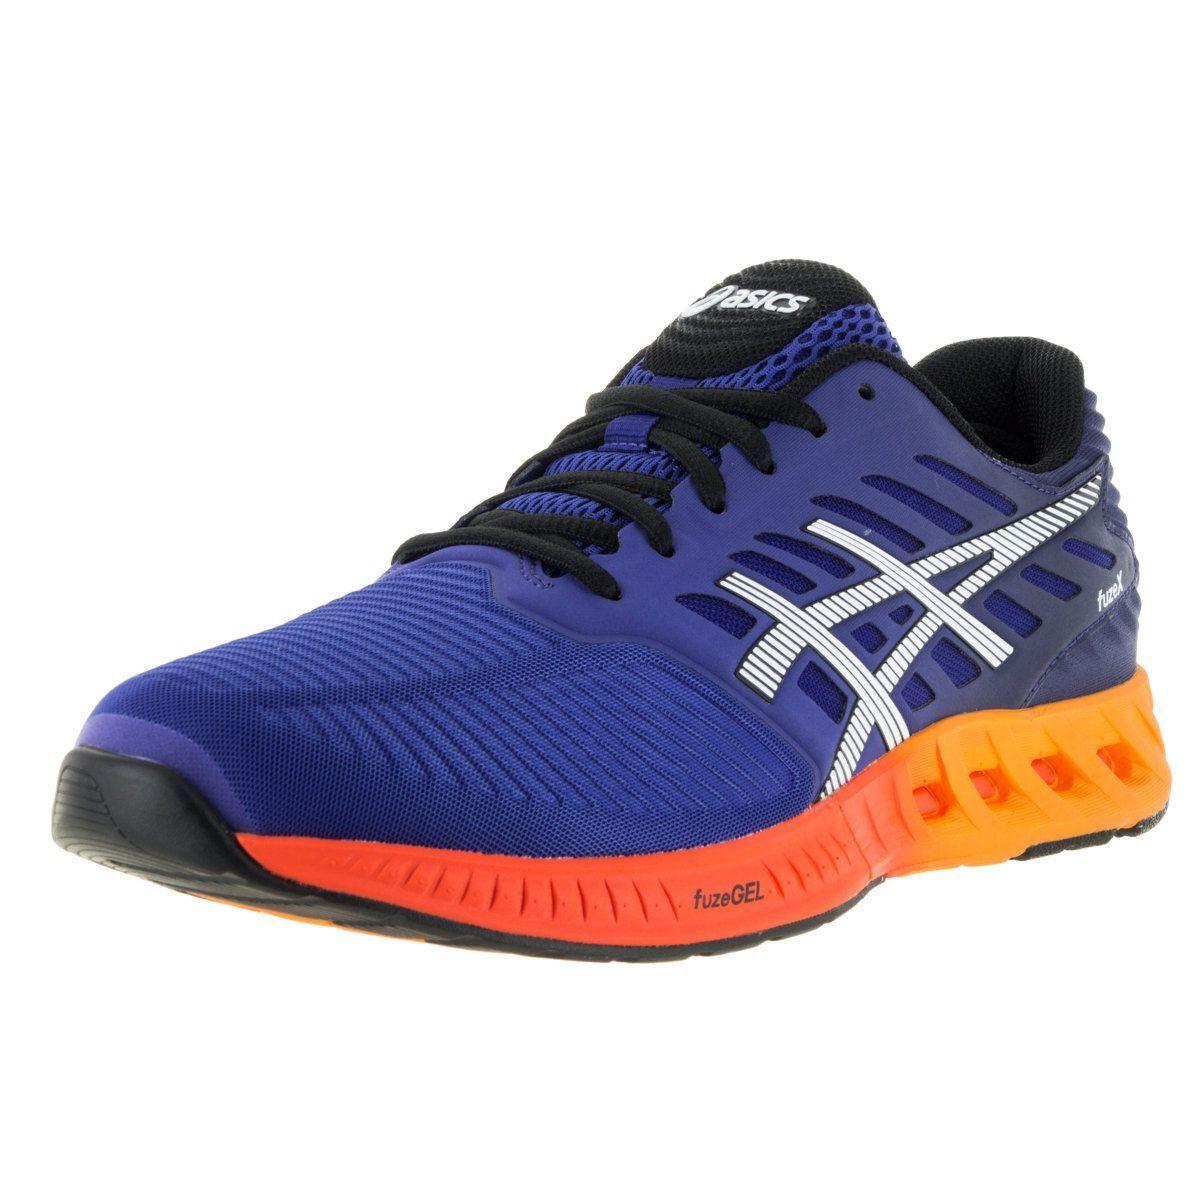 Asics Women's 'FuzeX', Indigo, and Hot Orange Running Shoes